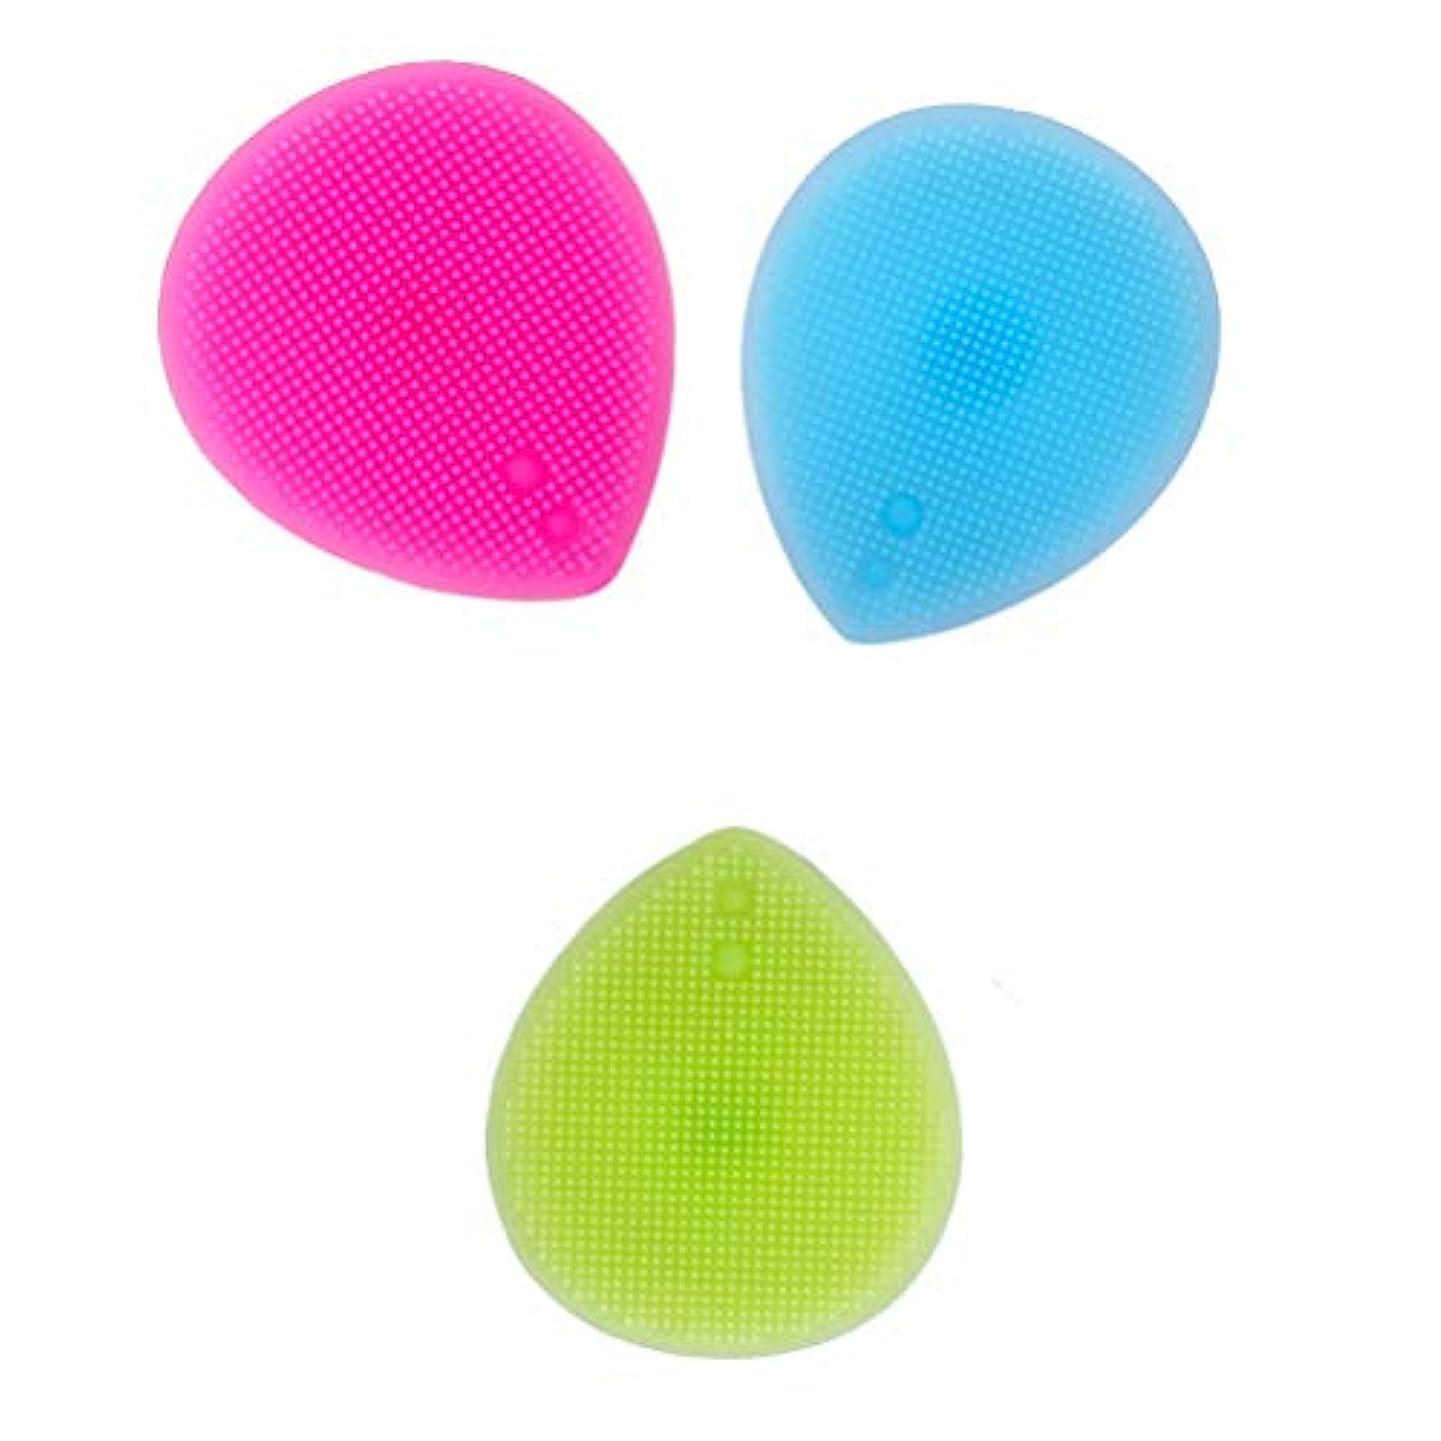 虎甘い添付Lurrose 3PCSシリコーンフェイシャルクレンジングブラシ手動フェイシャルマッサージブラシ女性用(ブルー+バラ色+グリーン)